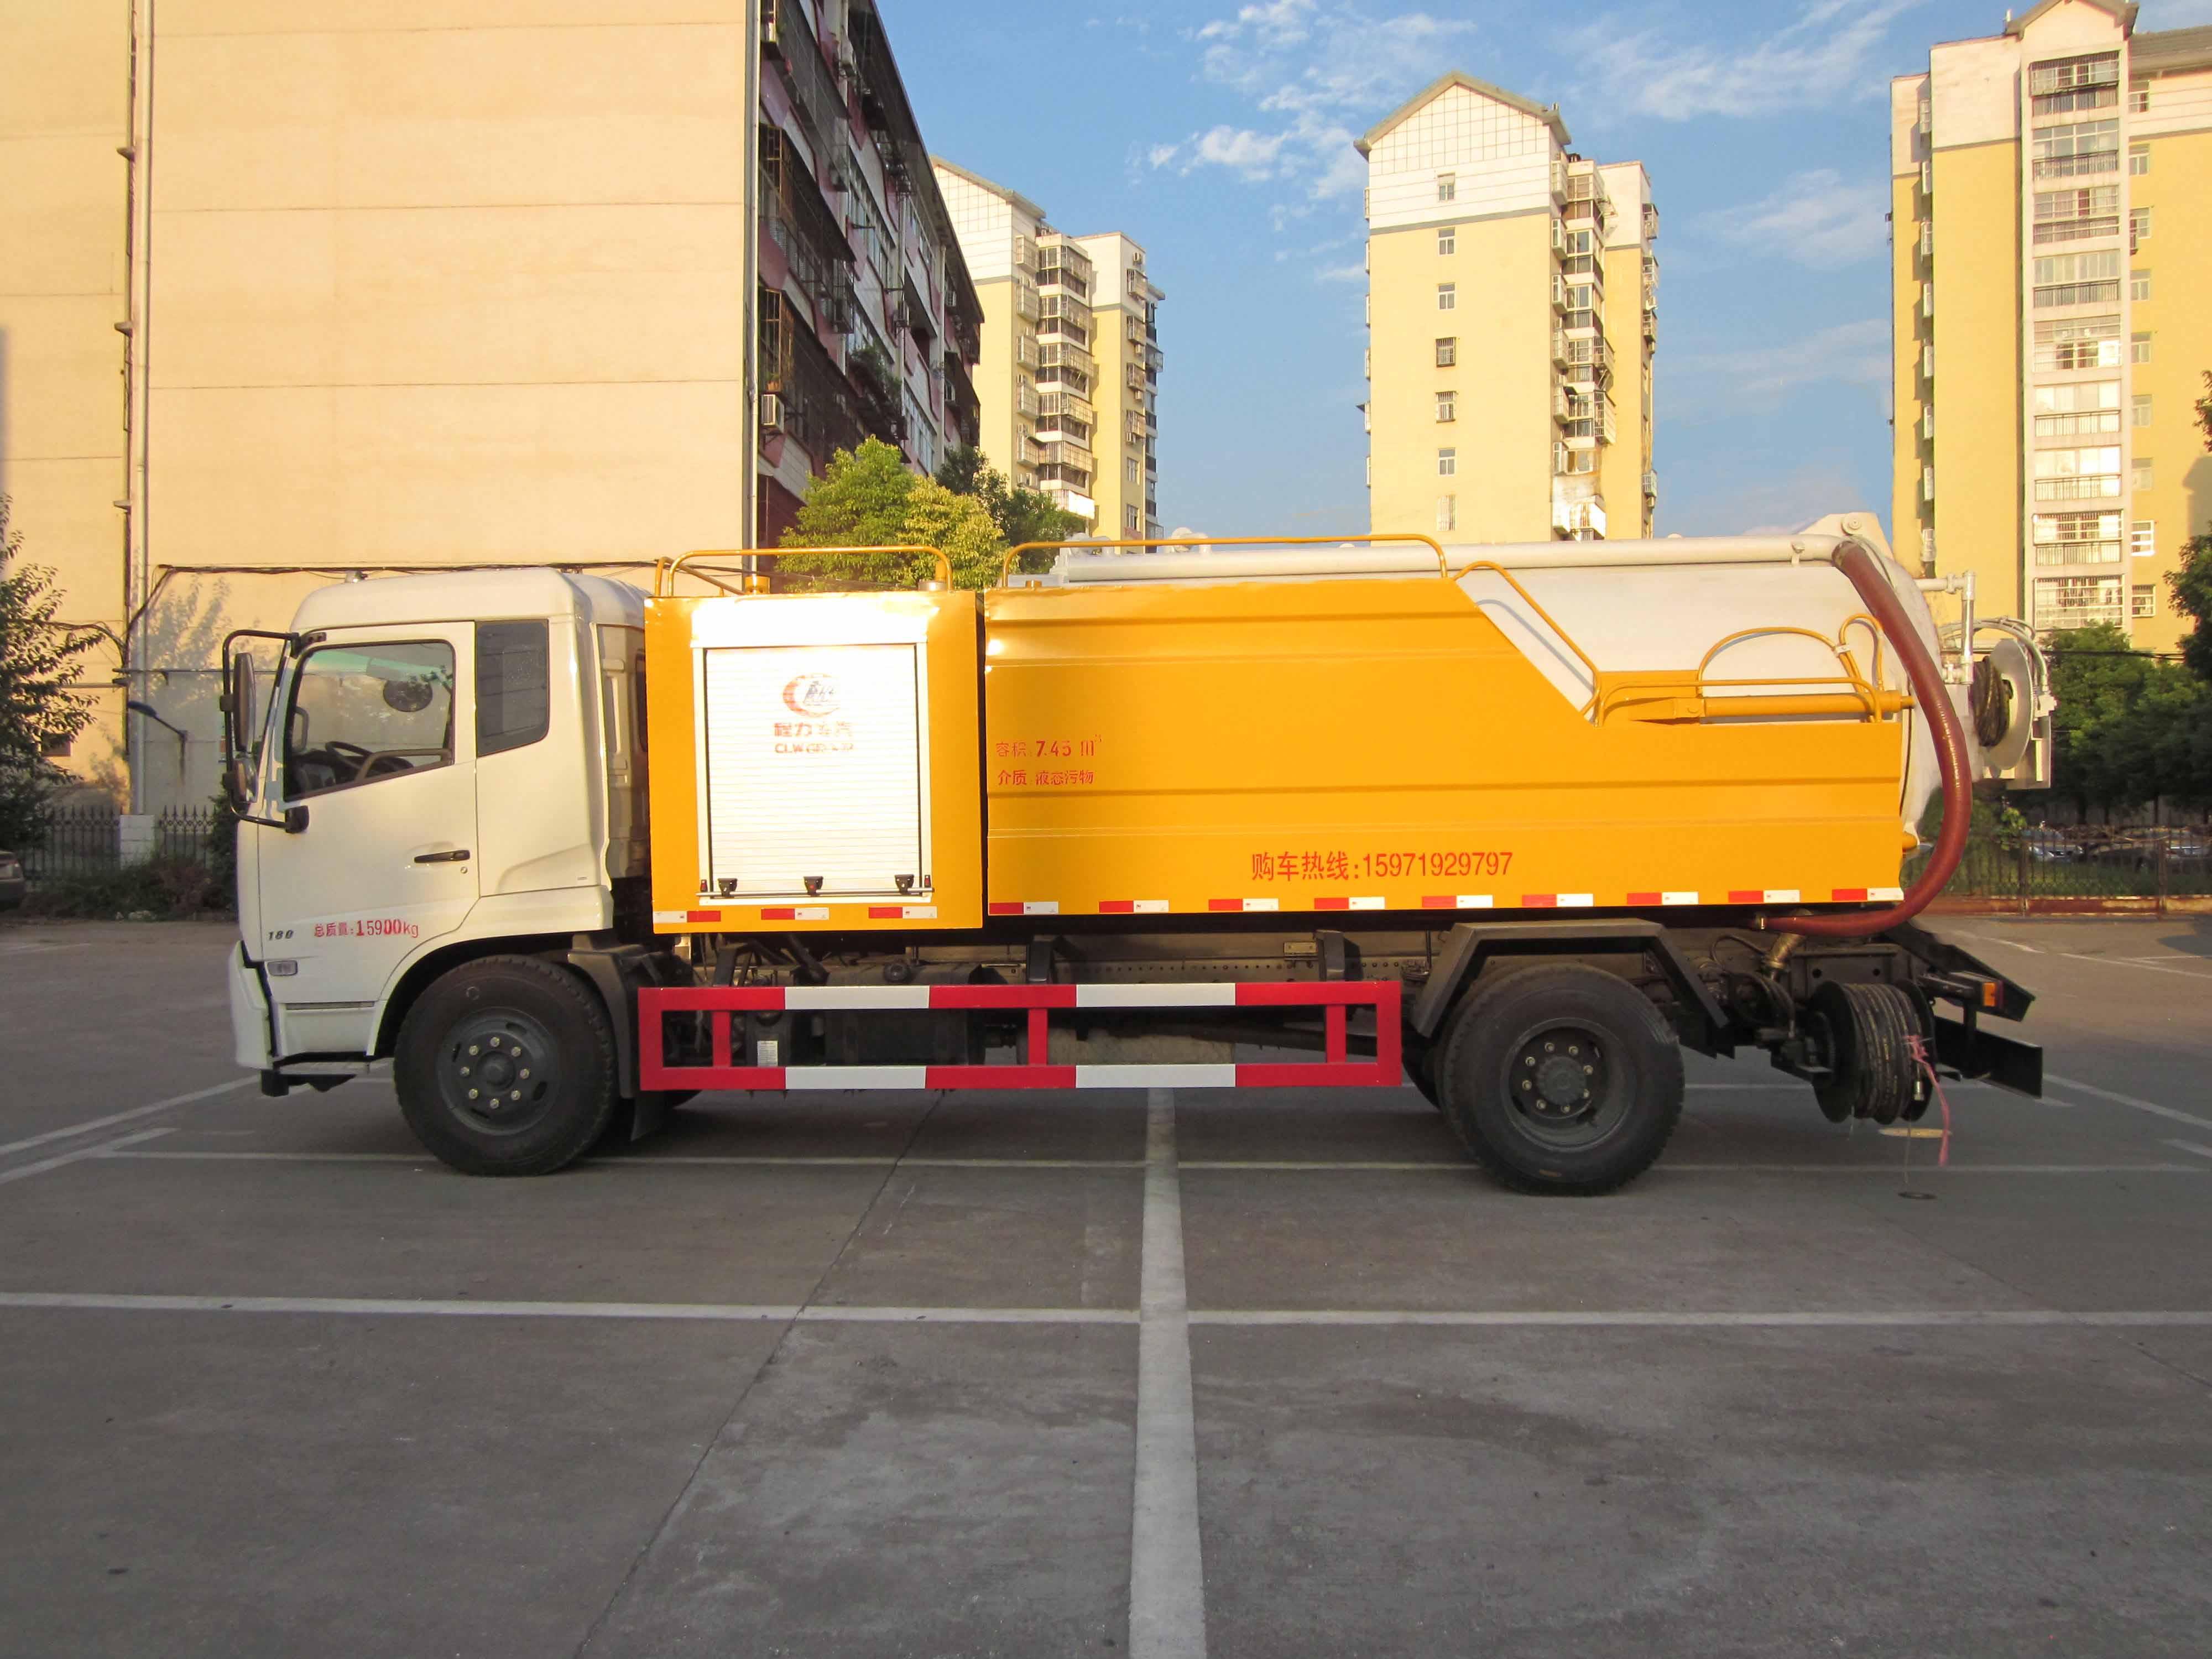 天锦水罐4吨污水罐8吨清洗吸污车/联合疏通车图片